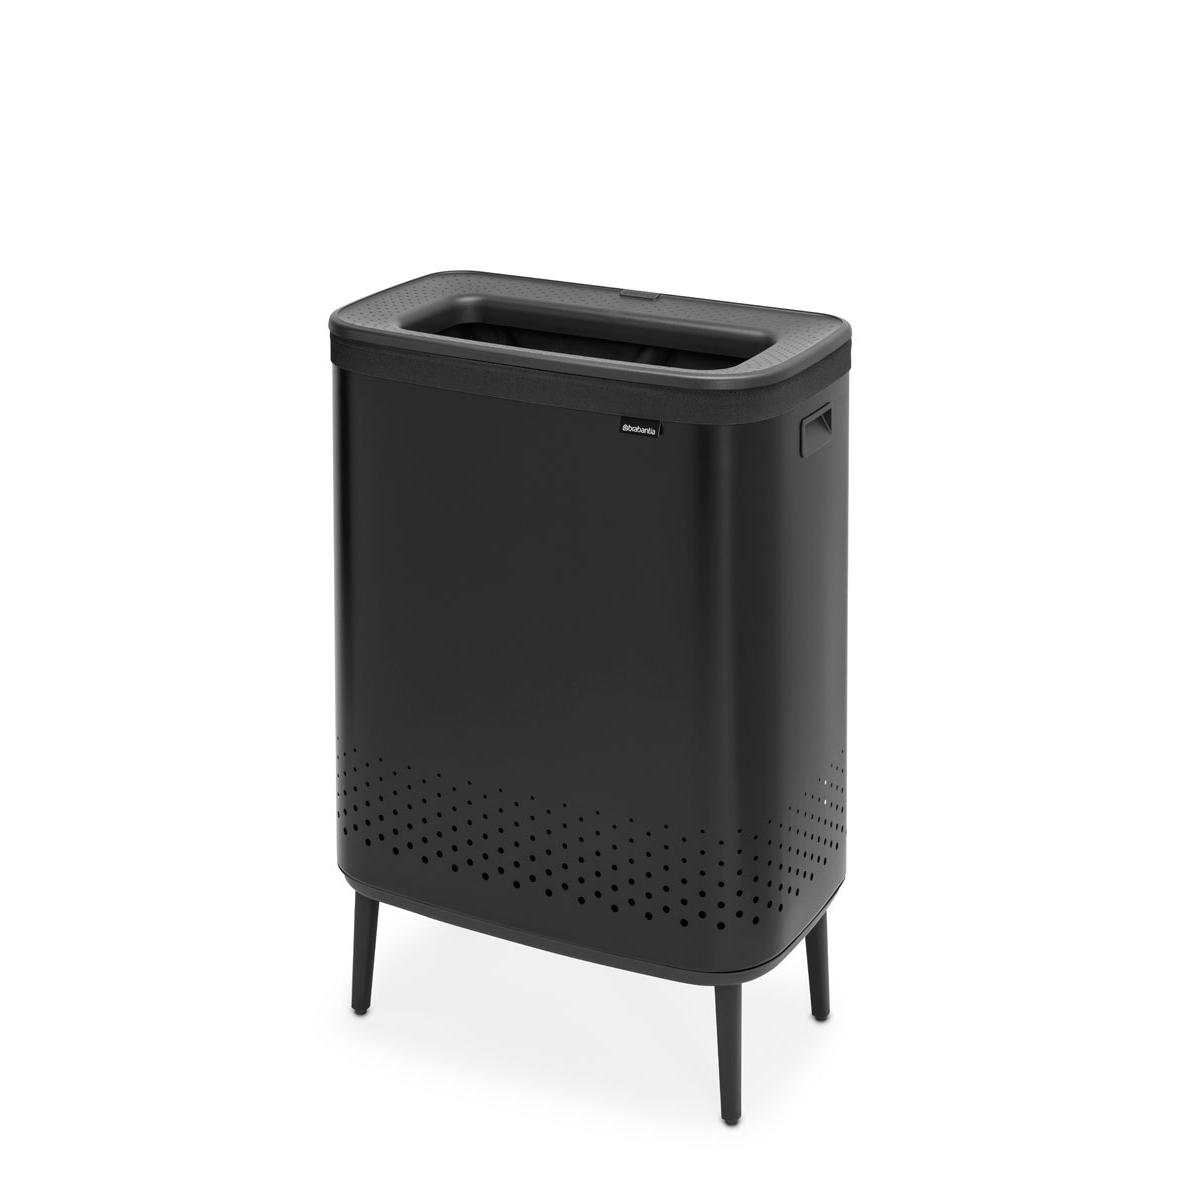 Бак для белья Bo Hi с пластиковой крышкой (2 x 45 л), Черный матовый, арт. 200564 - фото 1